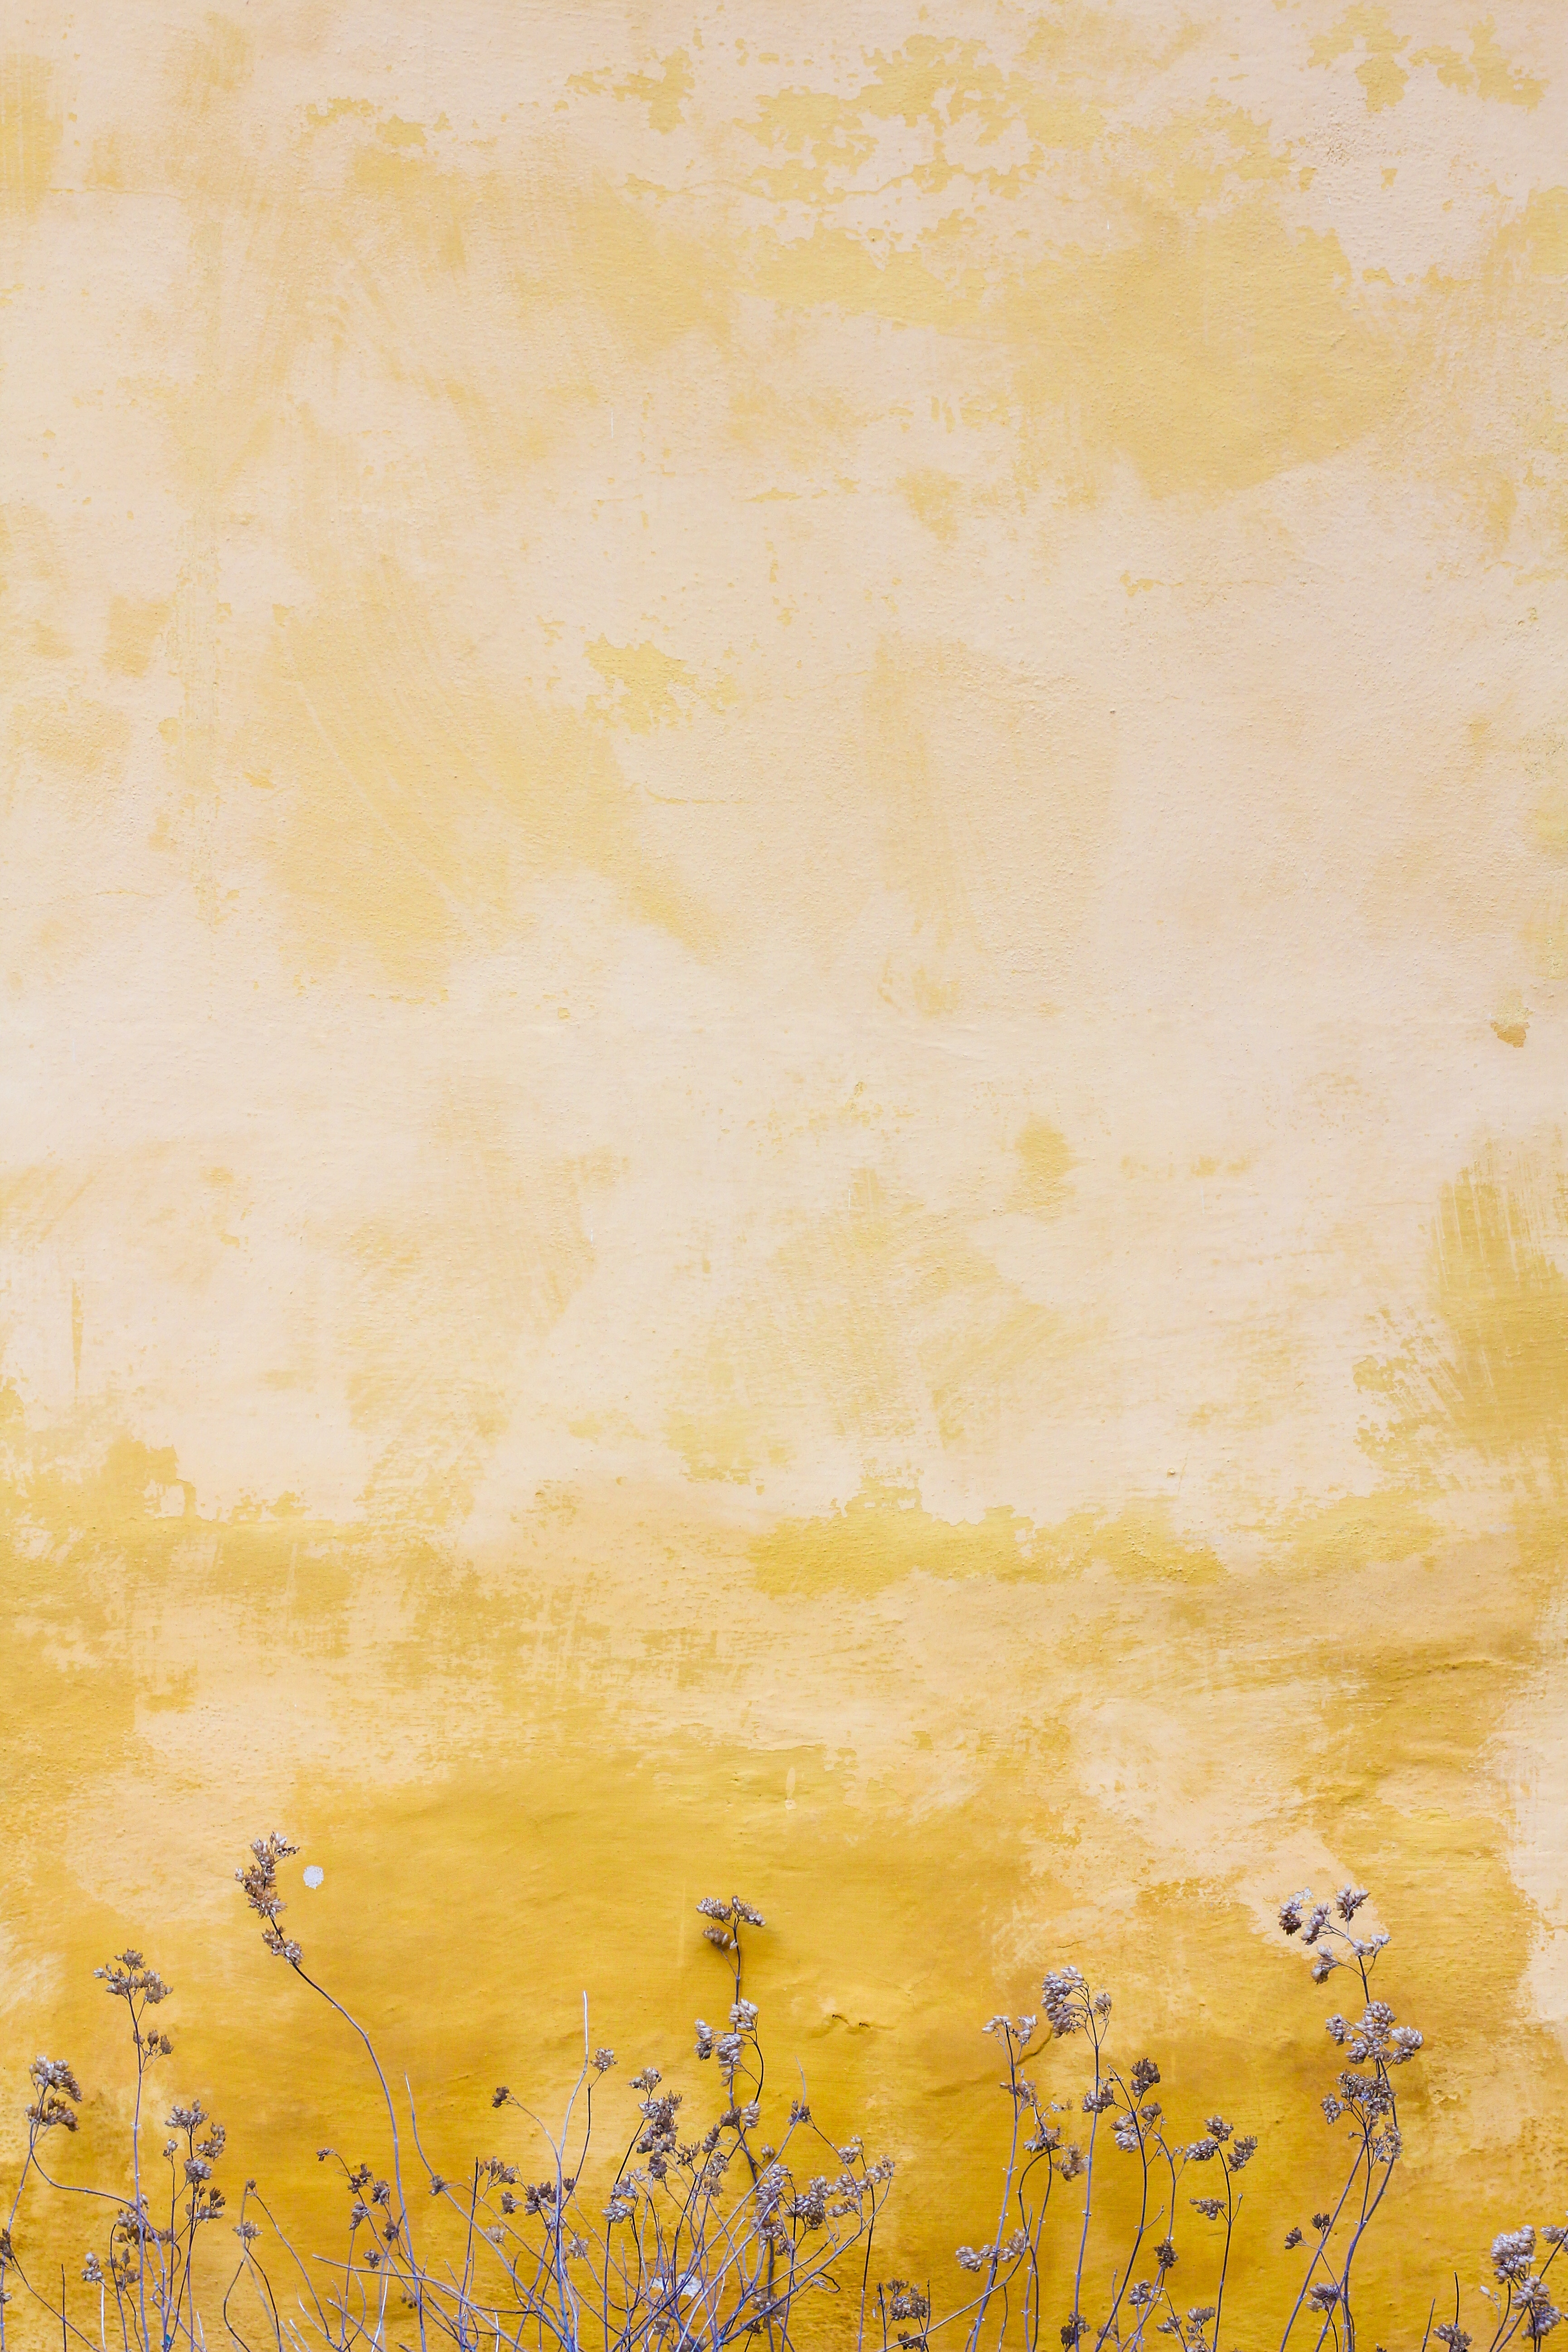 129458 Hintergrundbild herunterladen Pflanzen, Textur, Texturen, Wand, Flecken, Spots - Bildschirmschoner und Bilder kostenlos